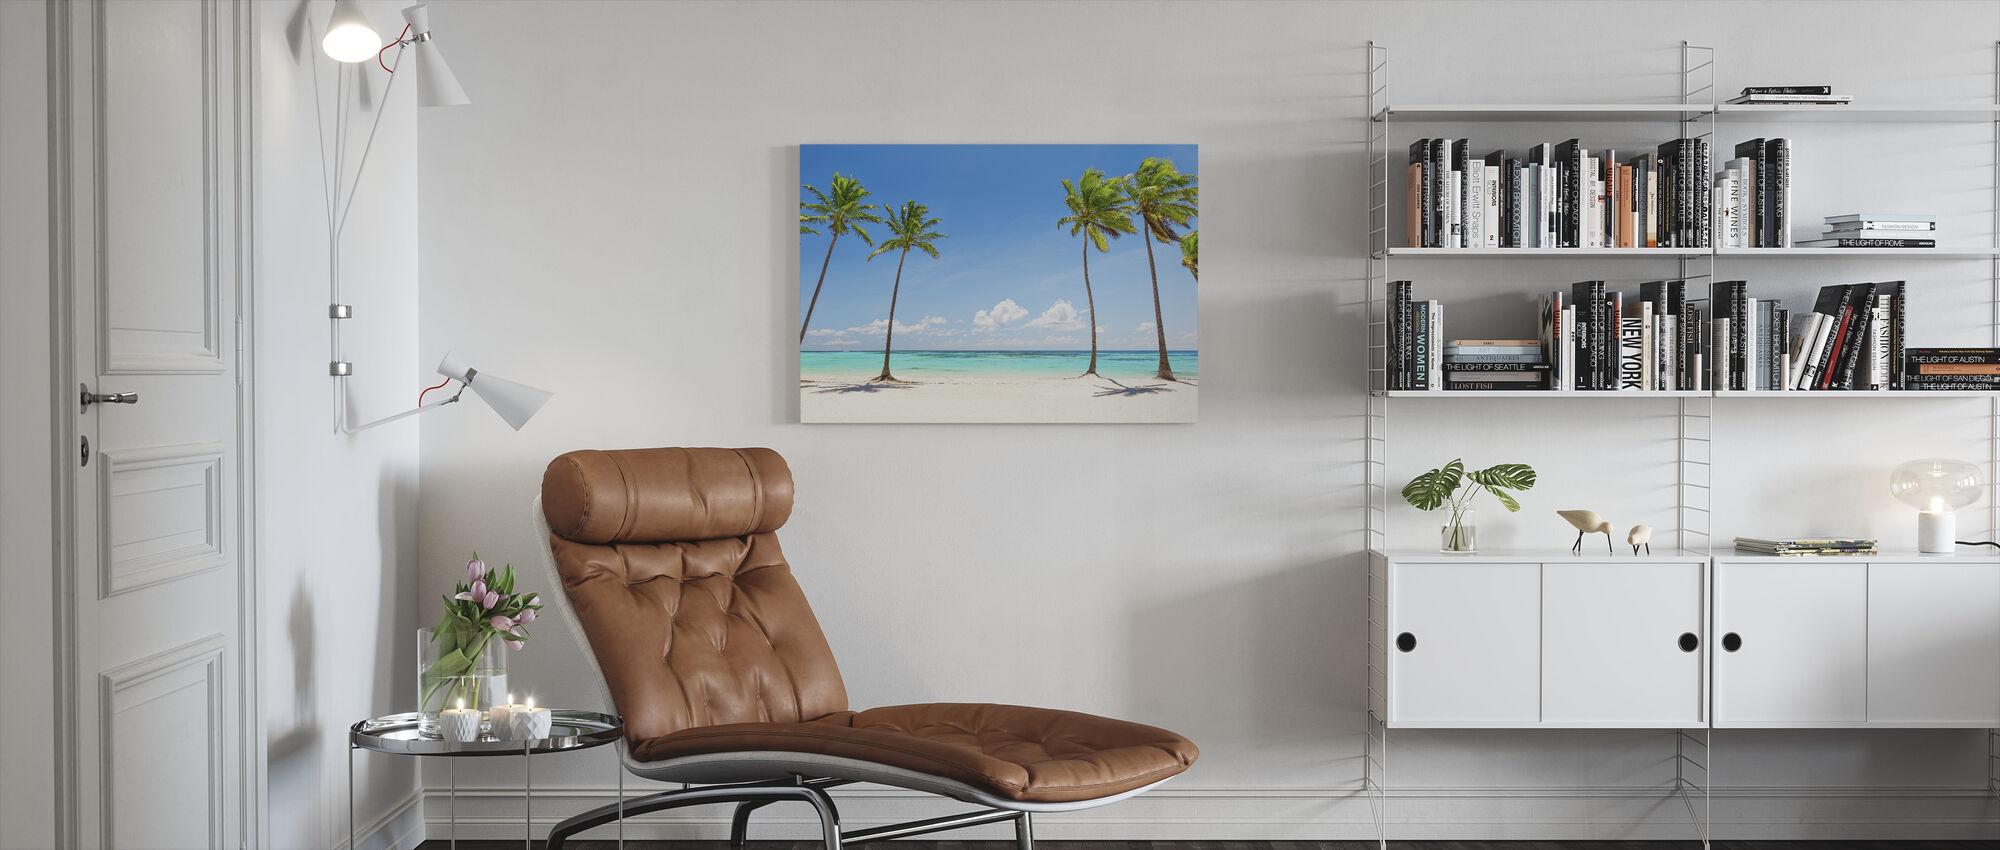 Palmuja valkoisella rannalla - Canvastaulu - Olohuone